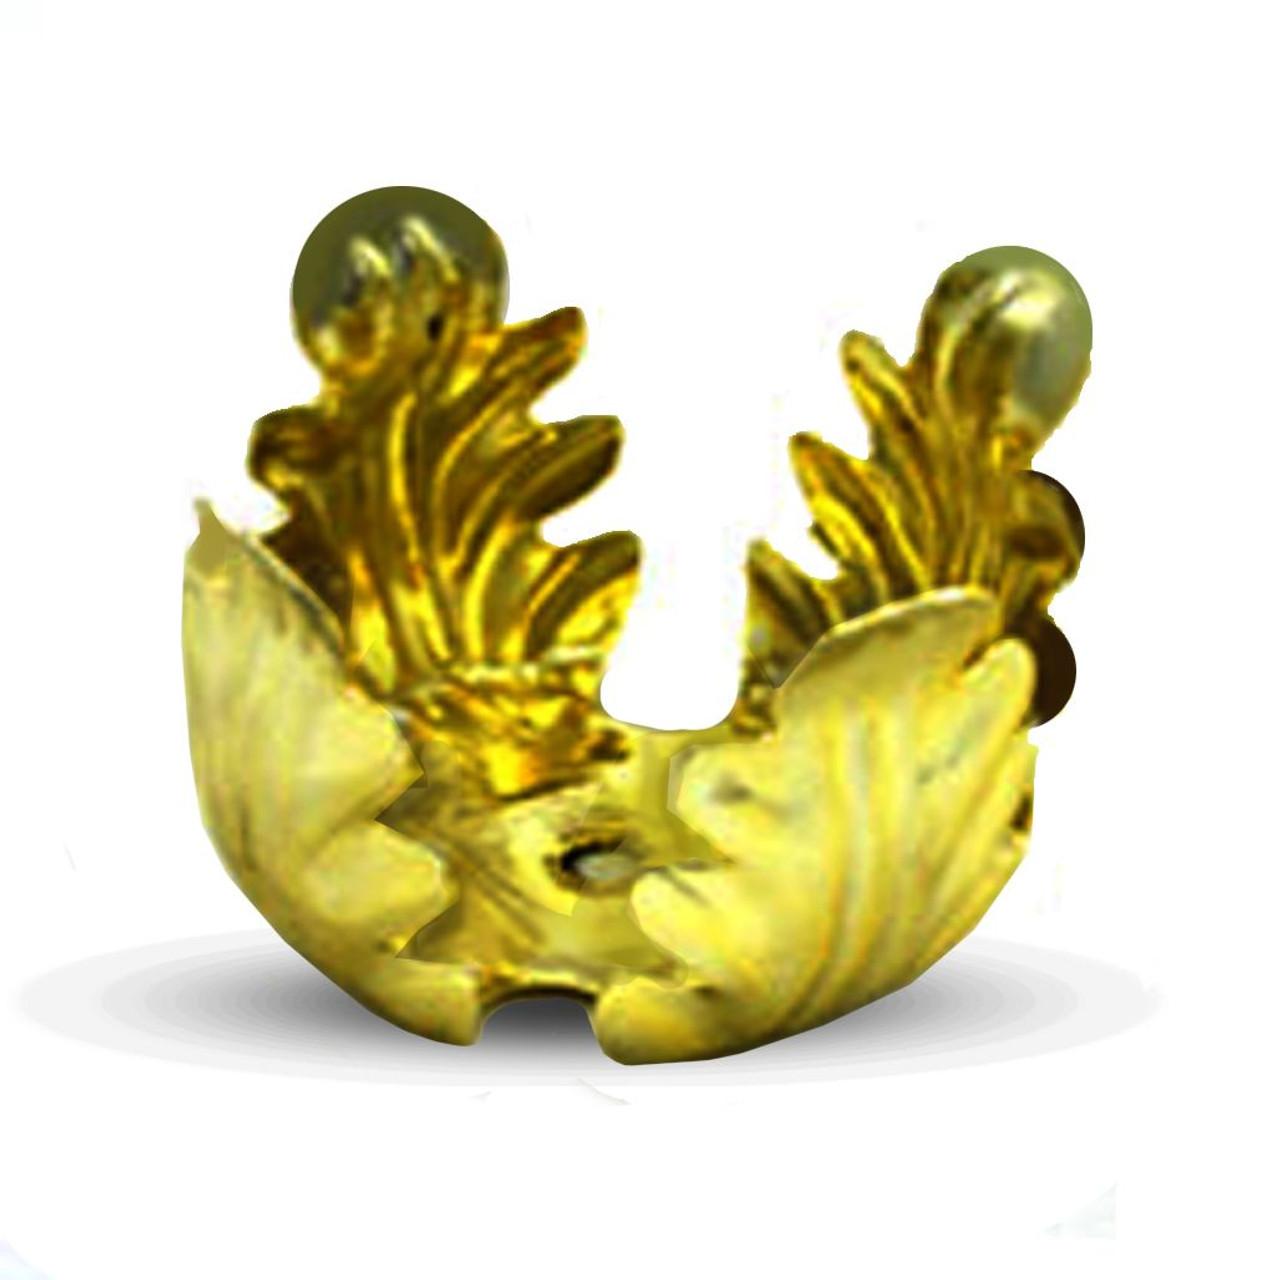 Brass Plated Leaf Candle Holder for 15 HR Votives